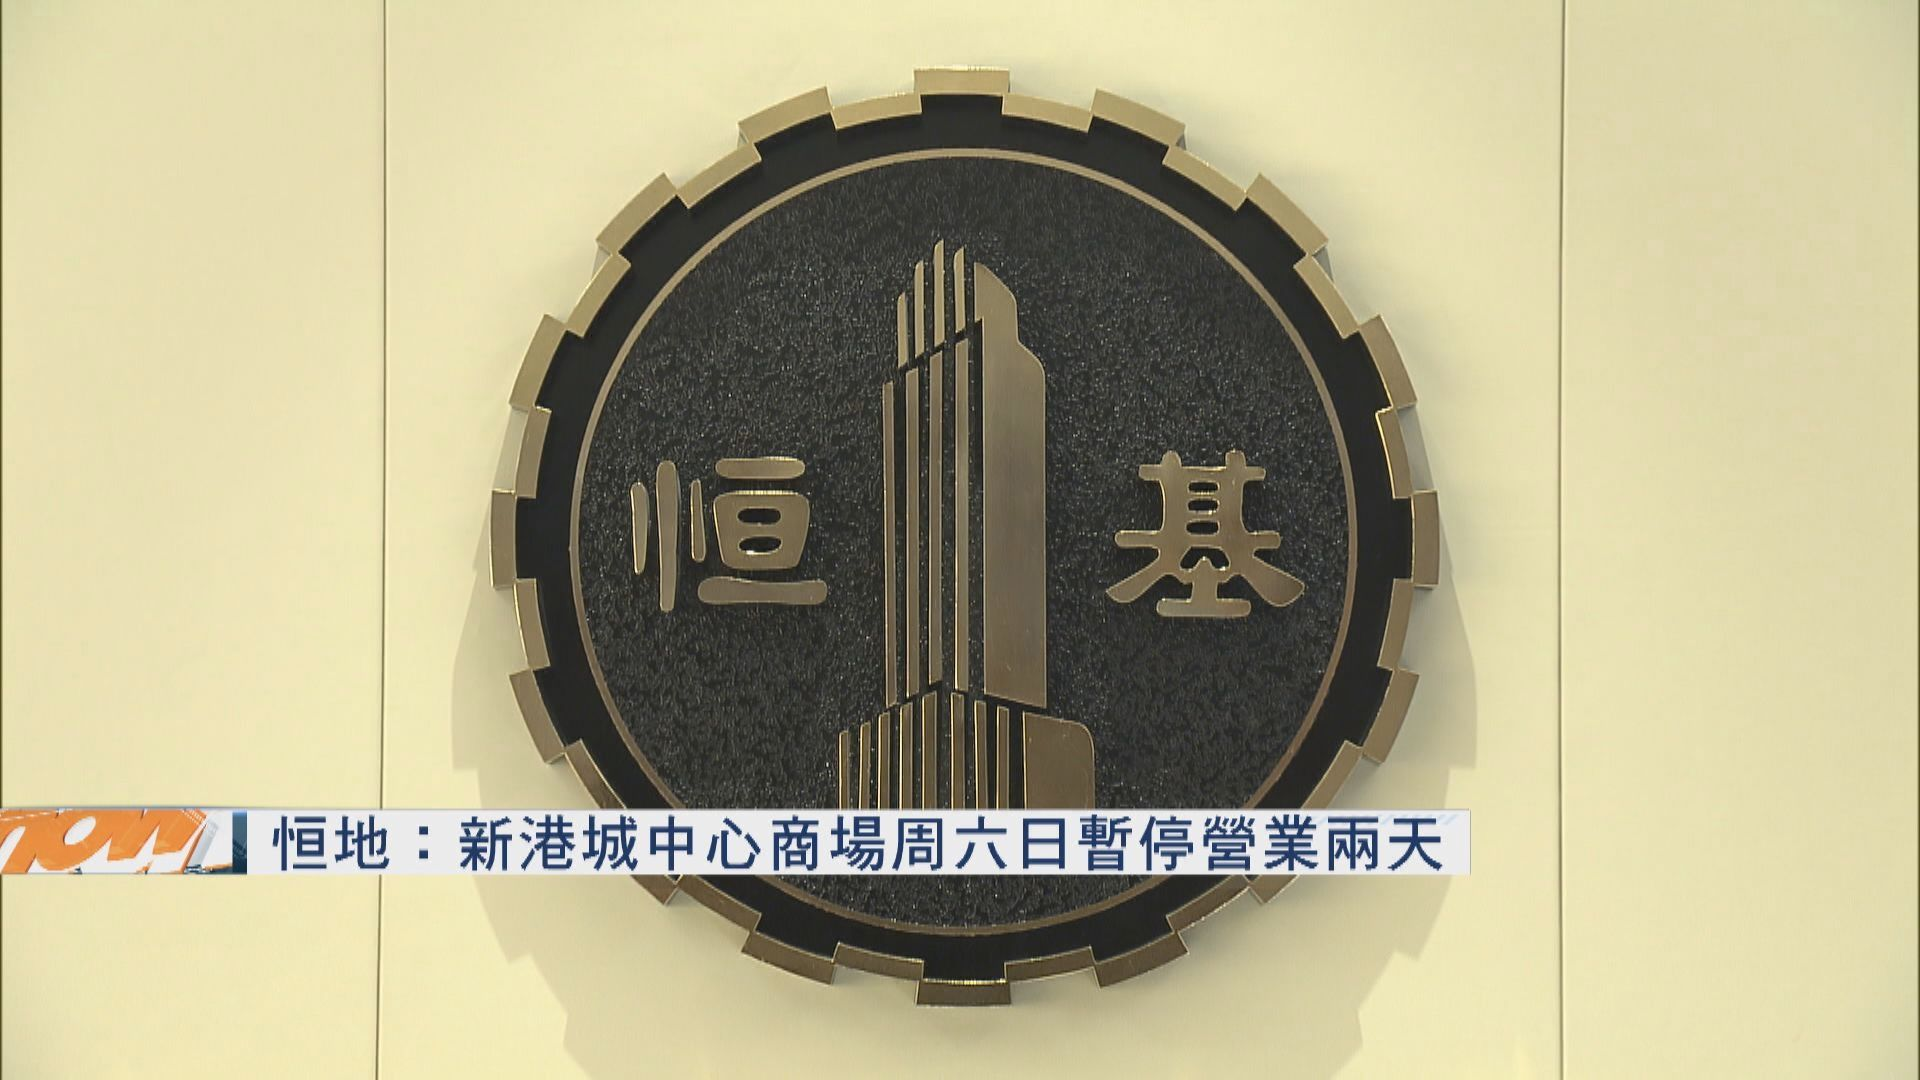 恒地:新港城中心商場周六日暫停營業兩天